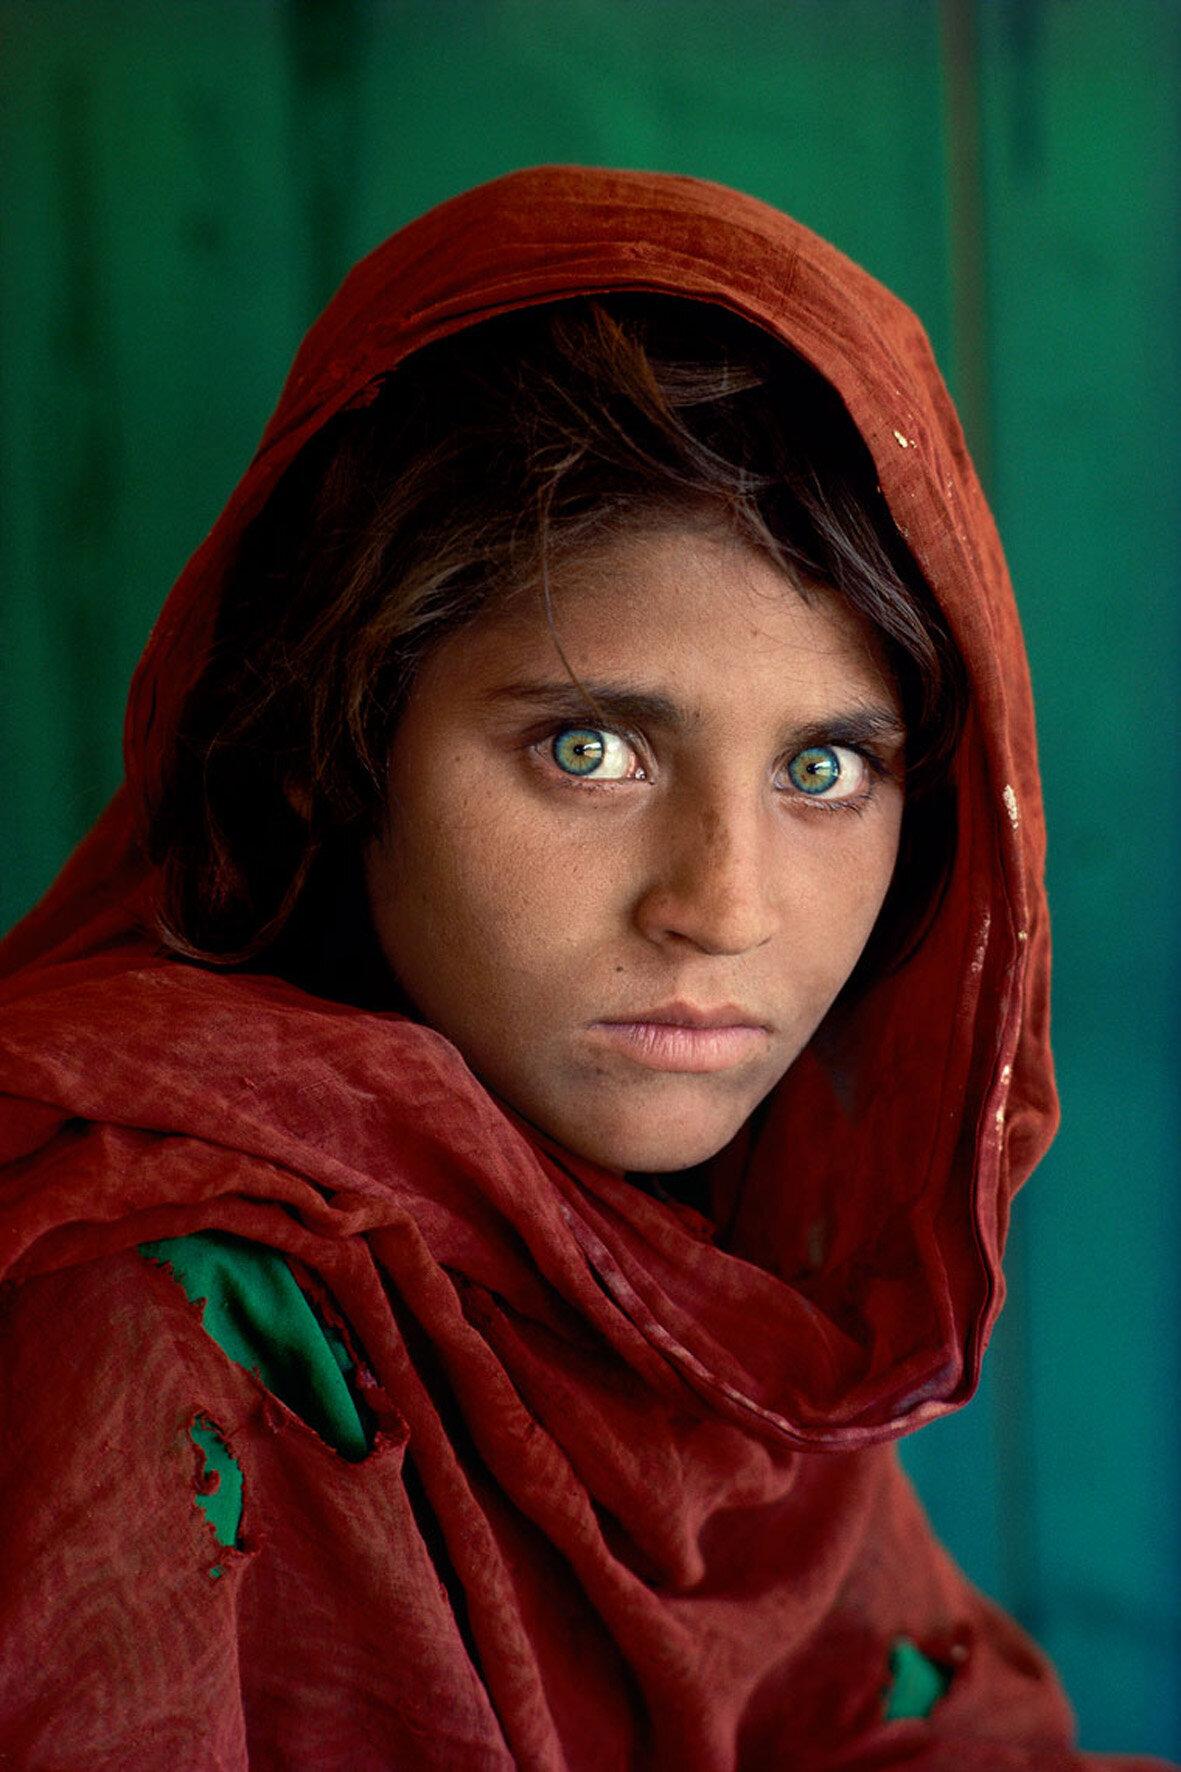 Neue pakistanische Mädchen nudi Bild